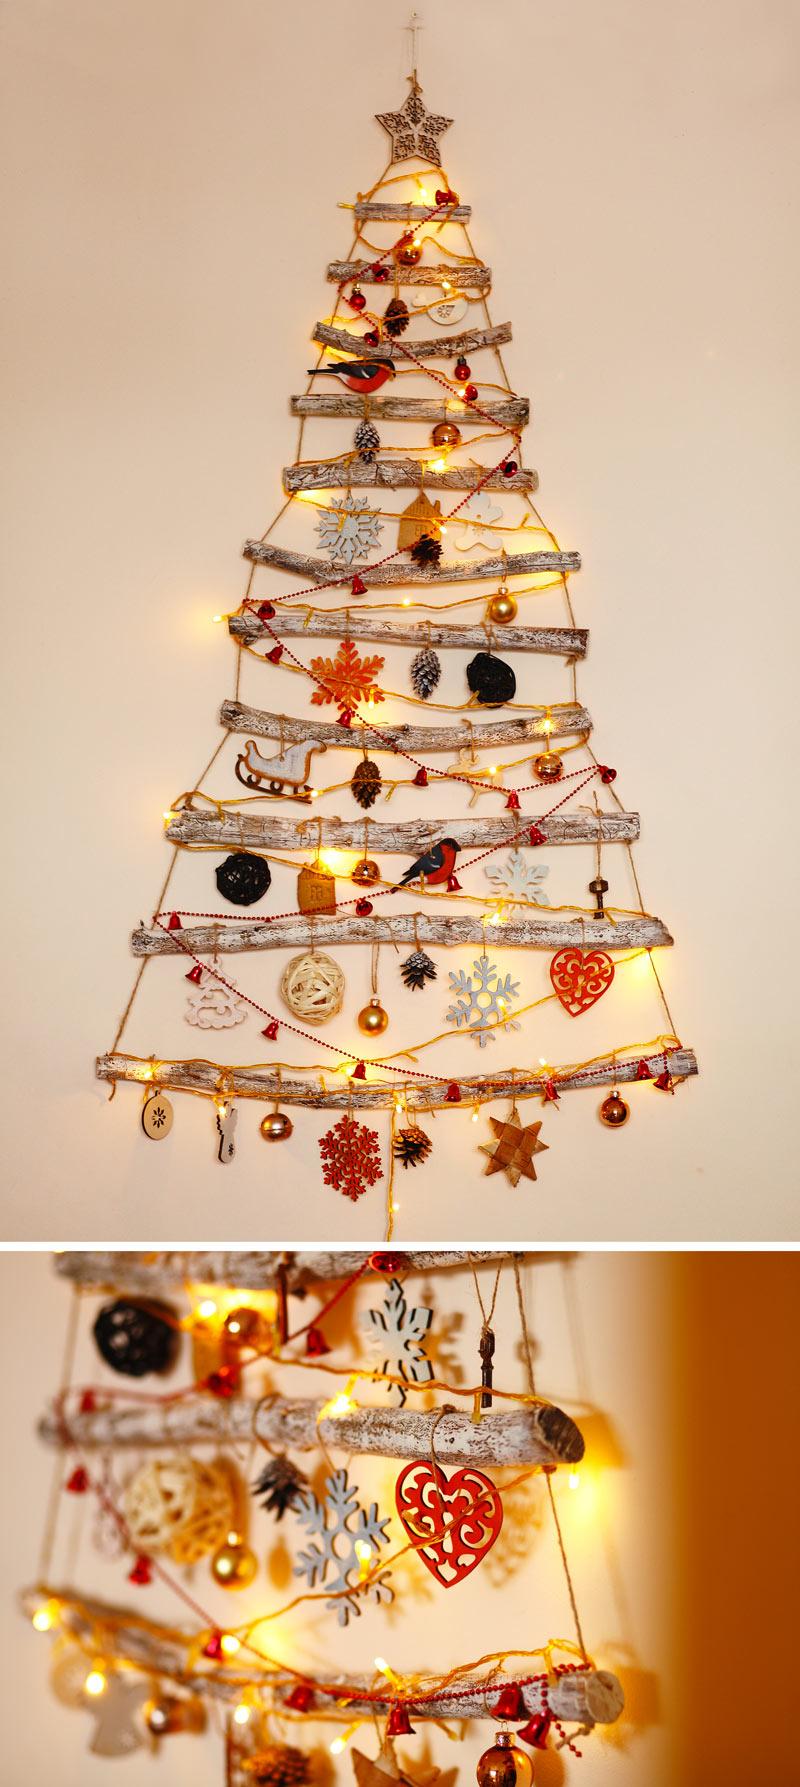 Albero di Natale da parete realizzato con legnetti e corda.